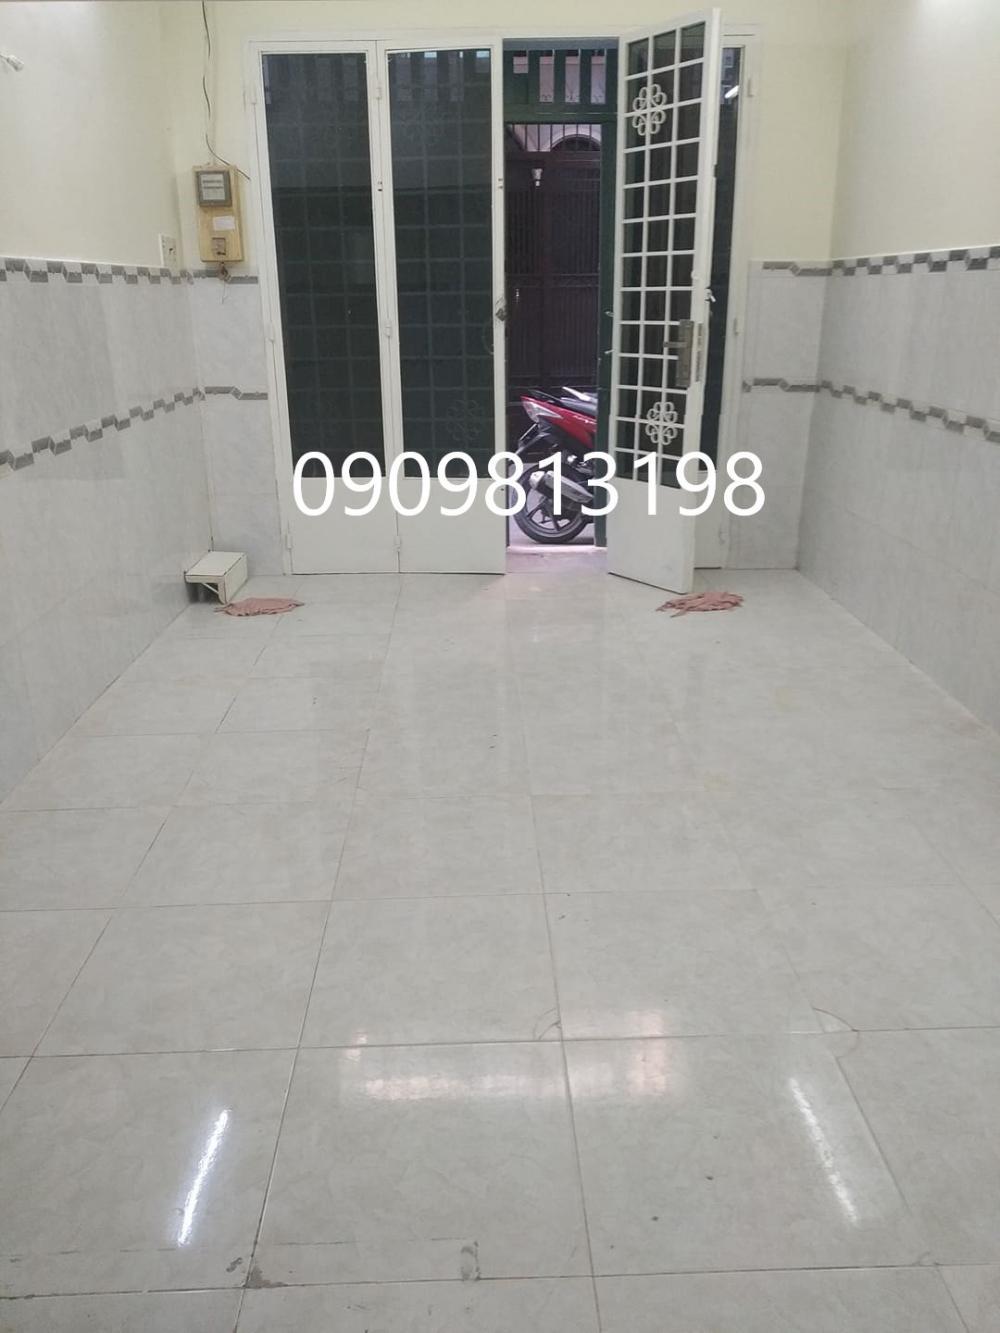 Bán nhà Huỳnh Văn Bánh, Phú Nhuận, 28m2 x 1 lầu chỉ 4.55 tỷ 10107918